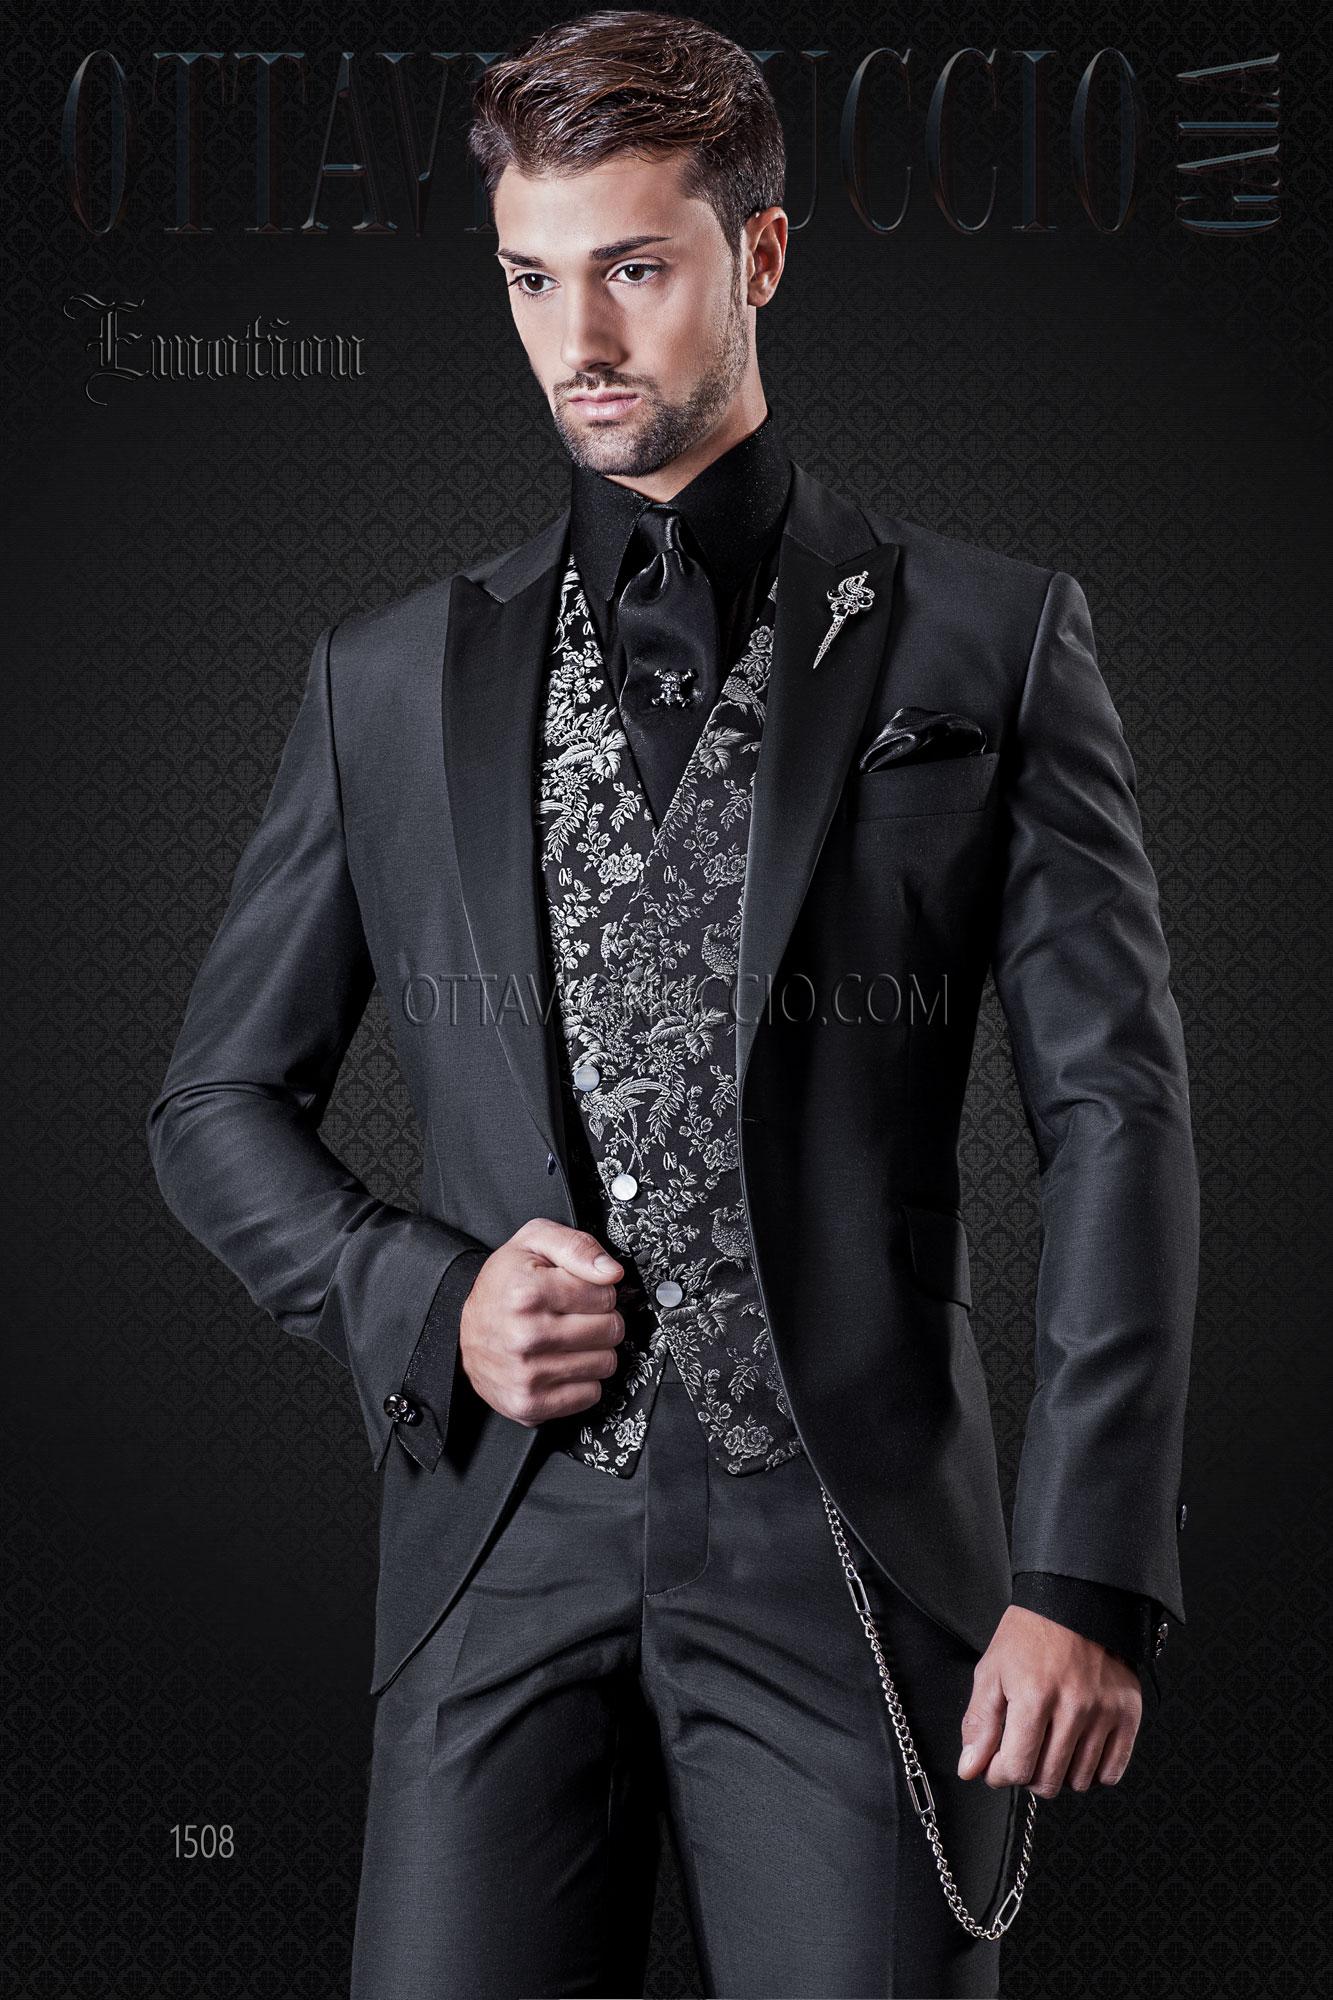 Outfit Matrimonio Uomo Grigio : Abito da cerimonia uomo grigio scuro e gilet damascato